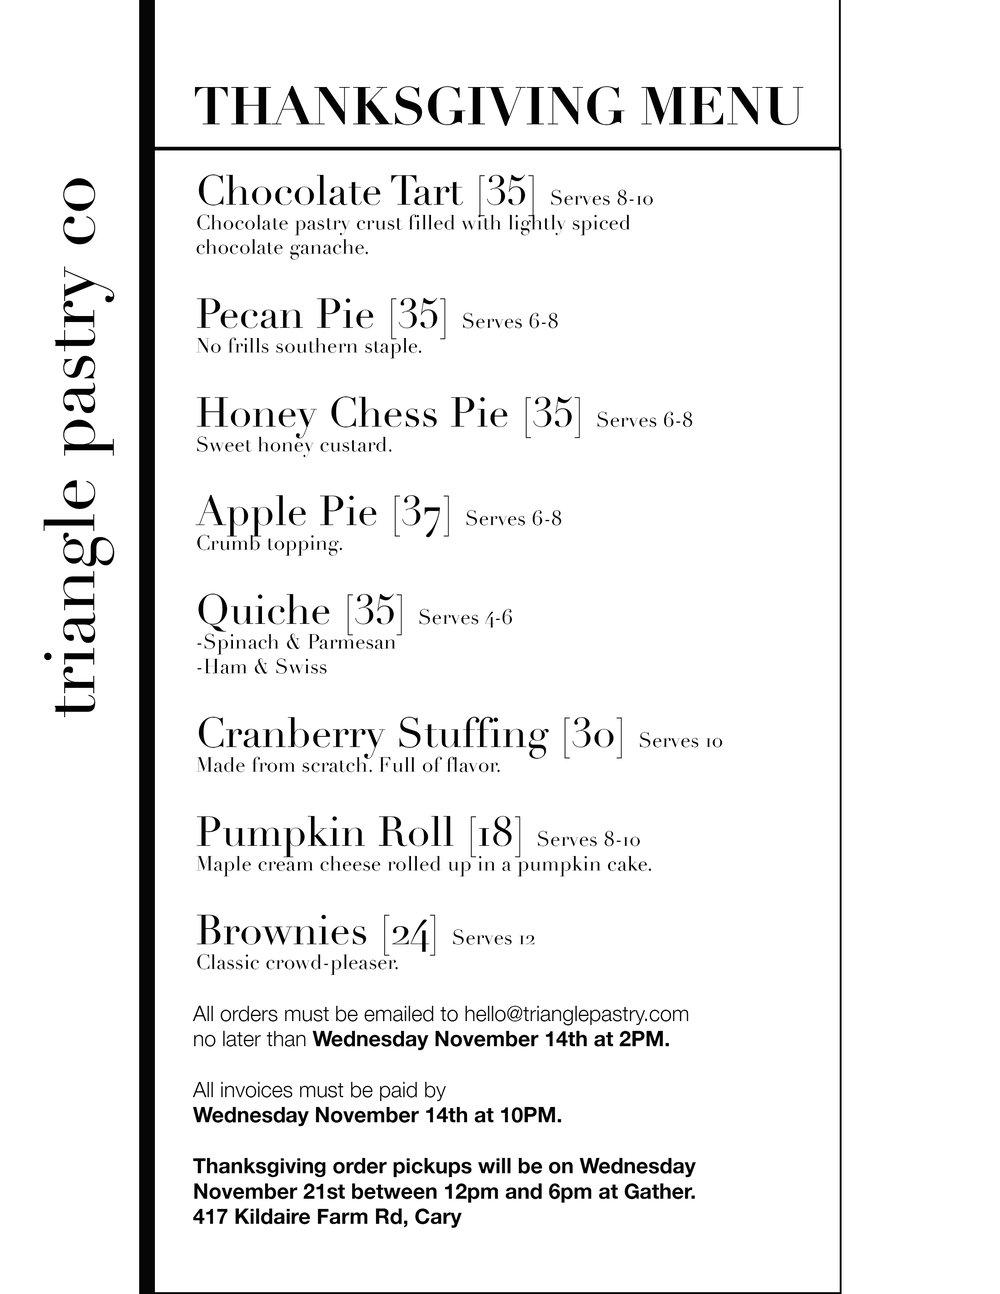 2018-Thanksgiving-Menu-Cary-Apex-Raleigh-Morrisville-Best-Pies-Desserts-Dinner-Orders.jpg